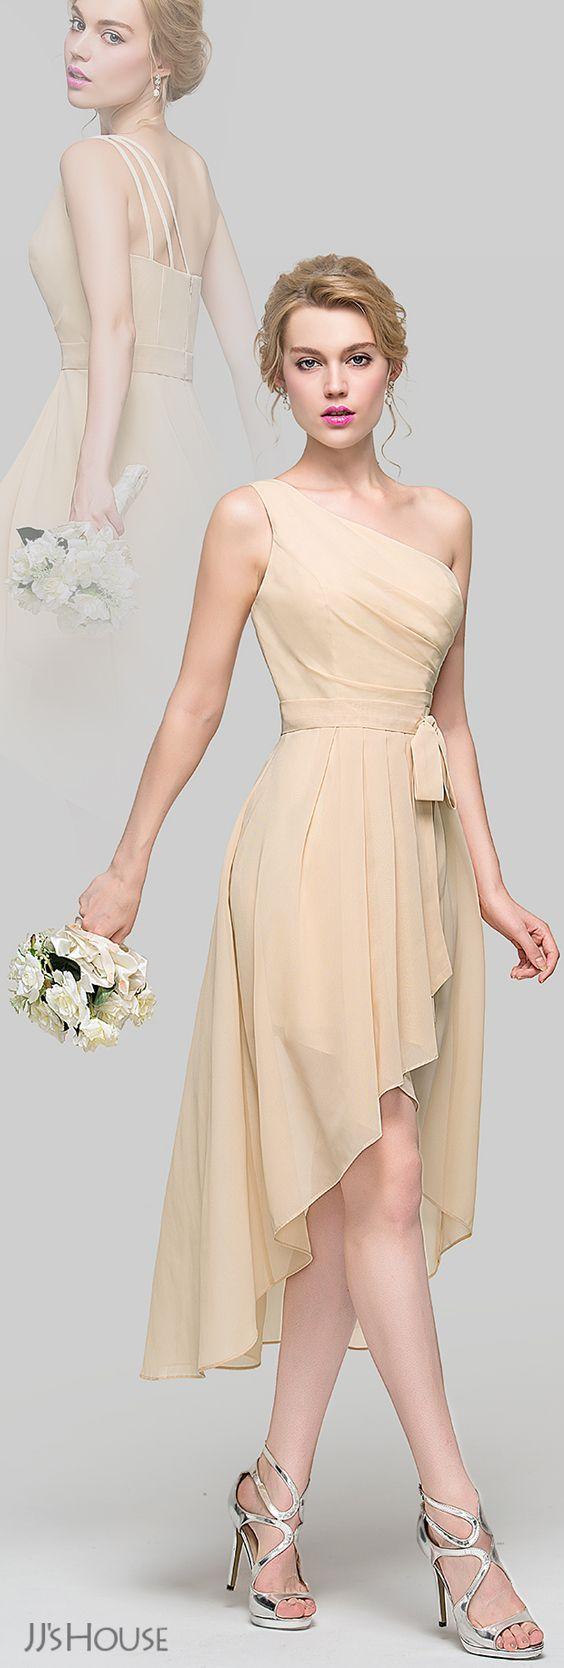 Short Wedding Dresses JJsHouse